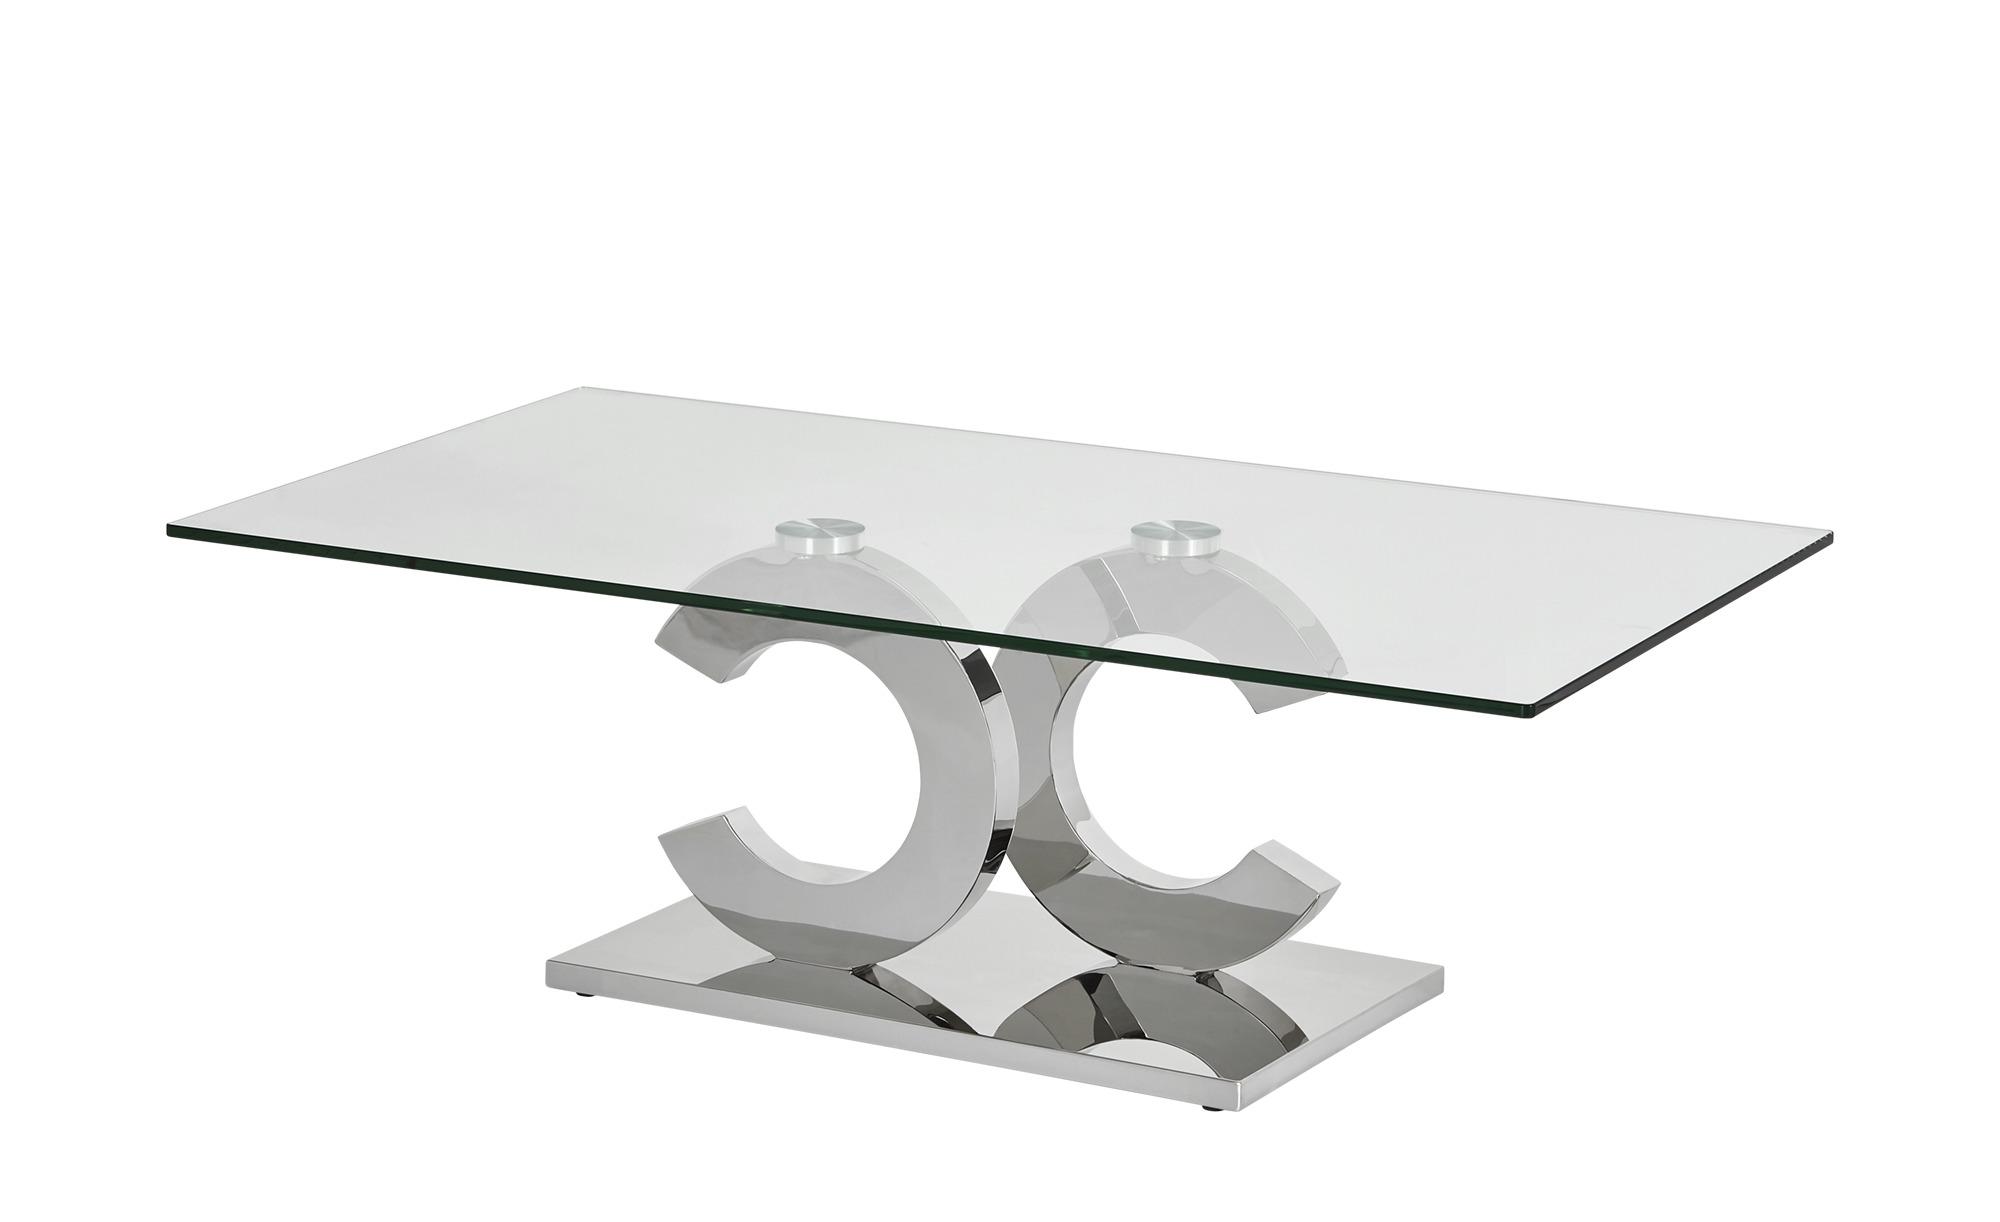 Couchtisch  Christy ¦ silber ¦ Maße (cm): B: 70 H: 42 T: 70 Tische > Couchtische > Couchtische rechteckig - Höffner